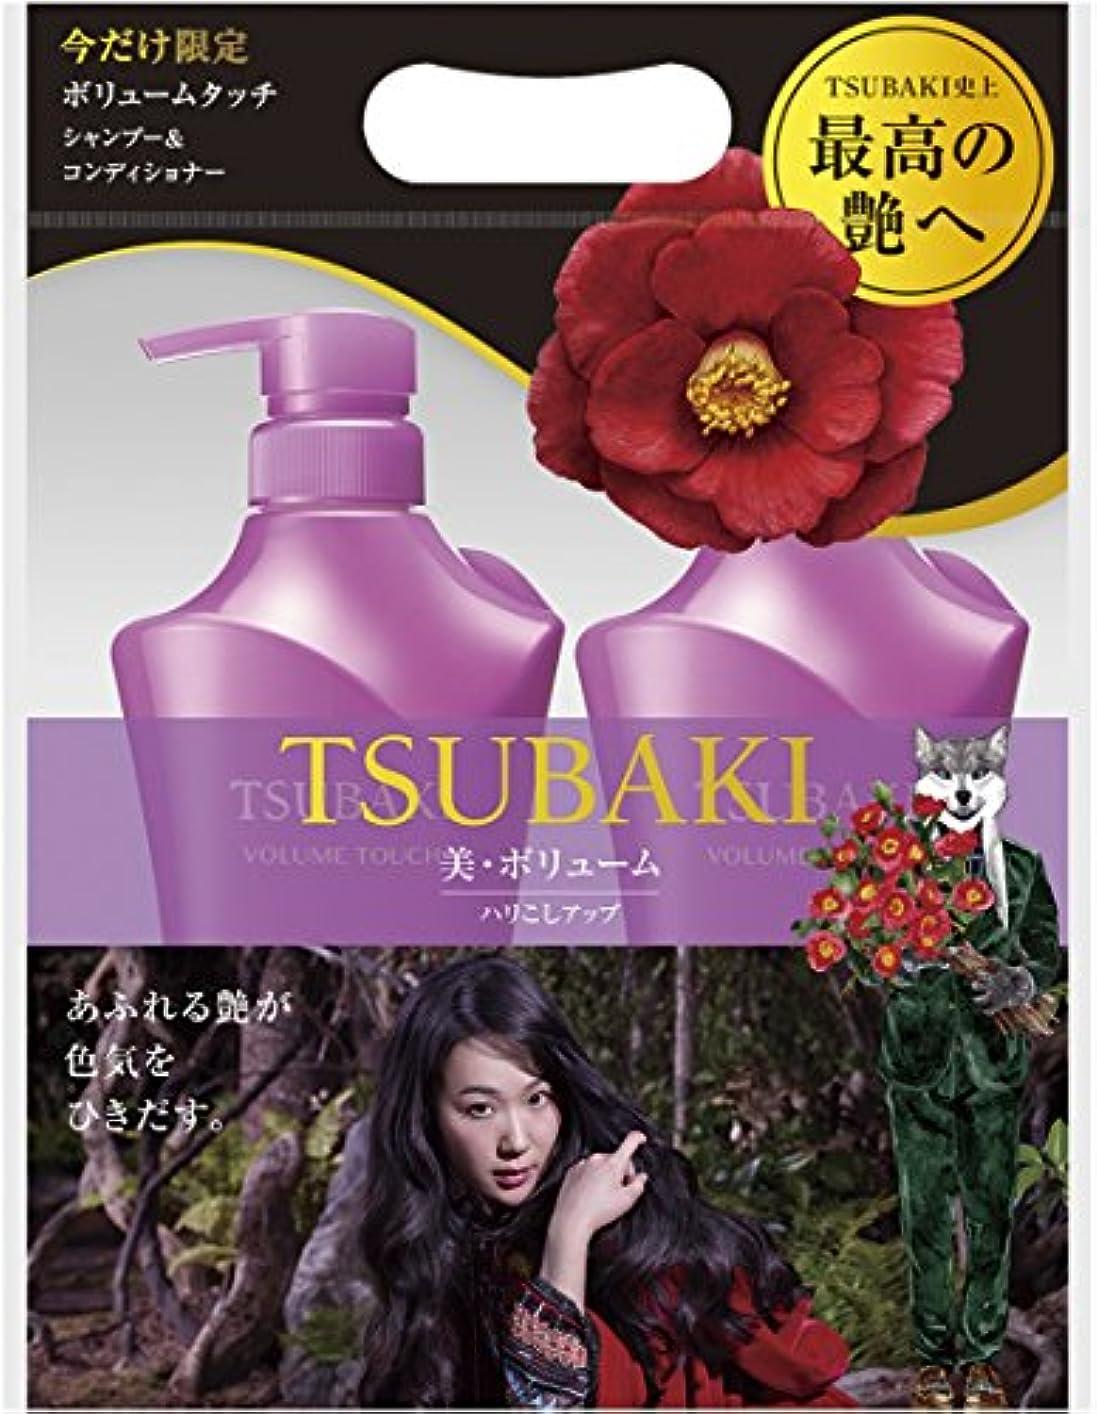 【本体セット】TSUBAKI ボリュームタッチ シャンプー&コンディショナージャンボペアセット